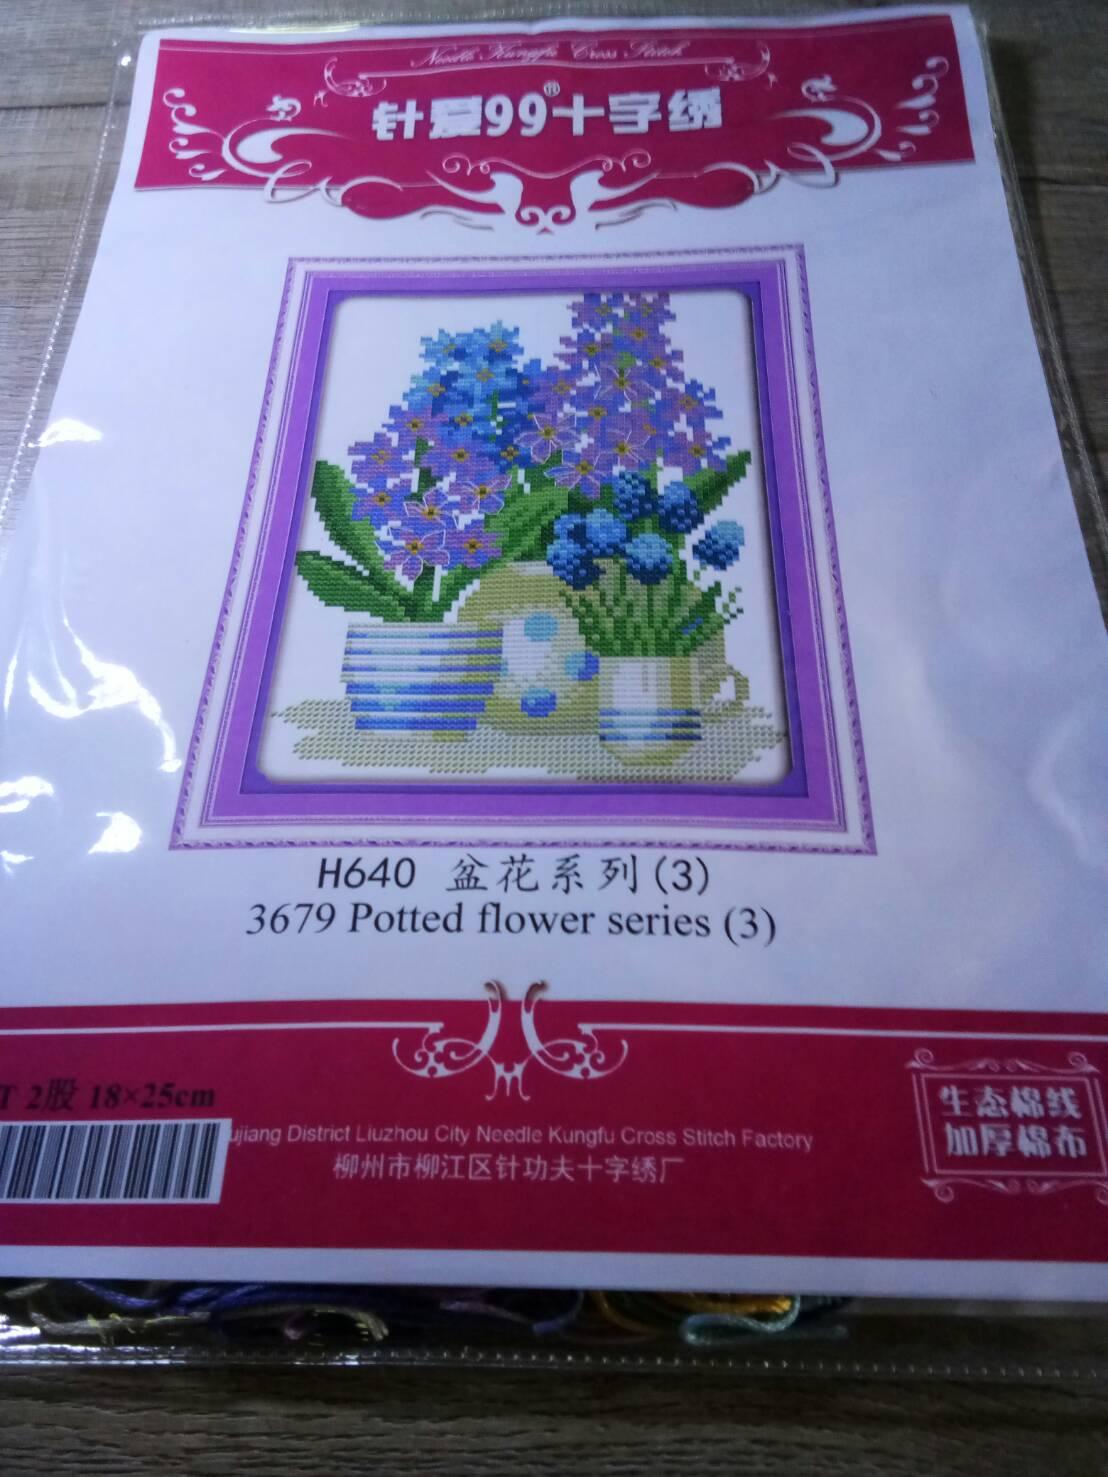 ชุดปักครอสติช ลาย ดอกไม้ ขนาด 18*25 ซม.ผ้าครอสติช 14 CT ไม่พิมพ์ลายปัก ไหมคอตตอน สี+ผังลาย+เข็ม (ส่งฟรี)